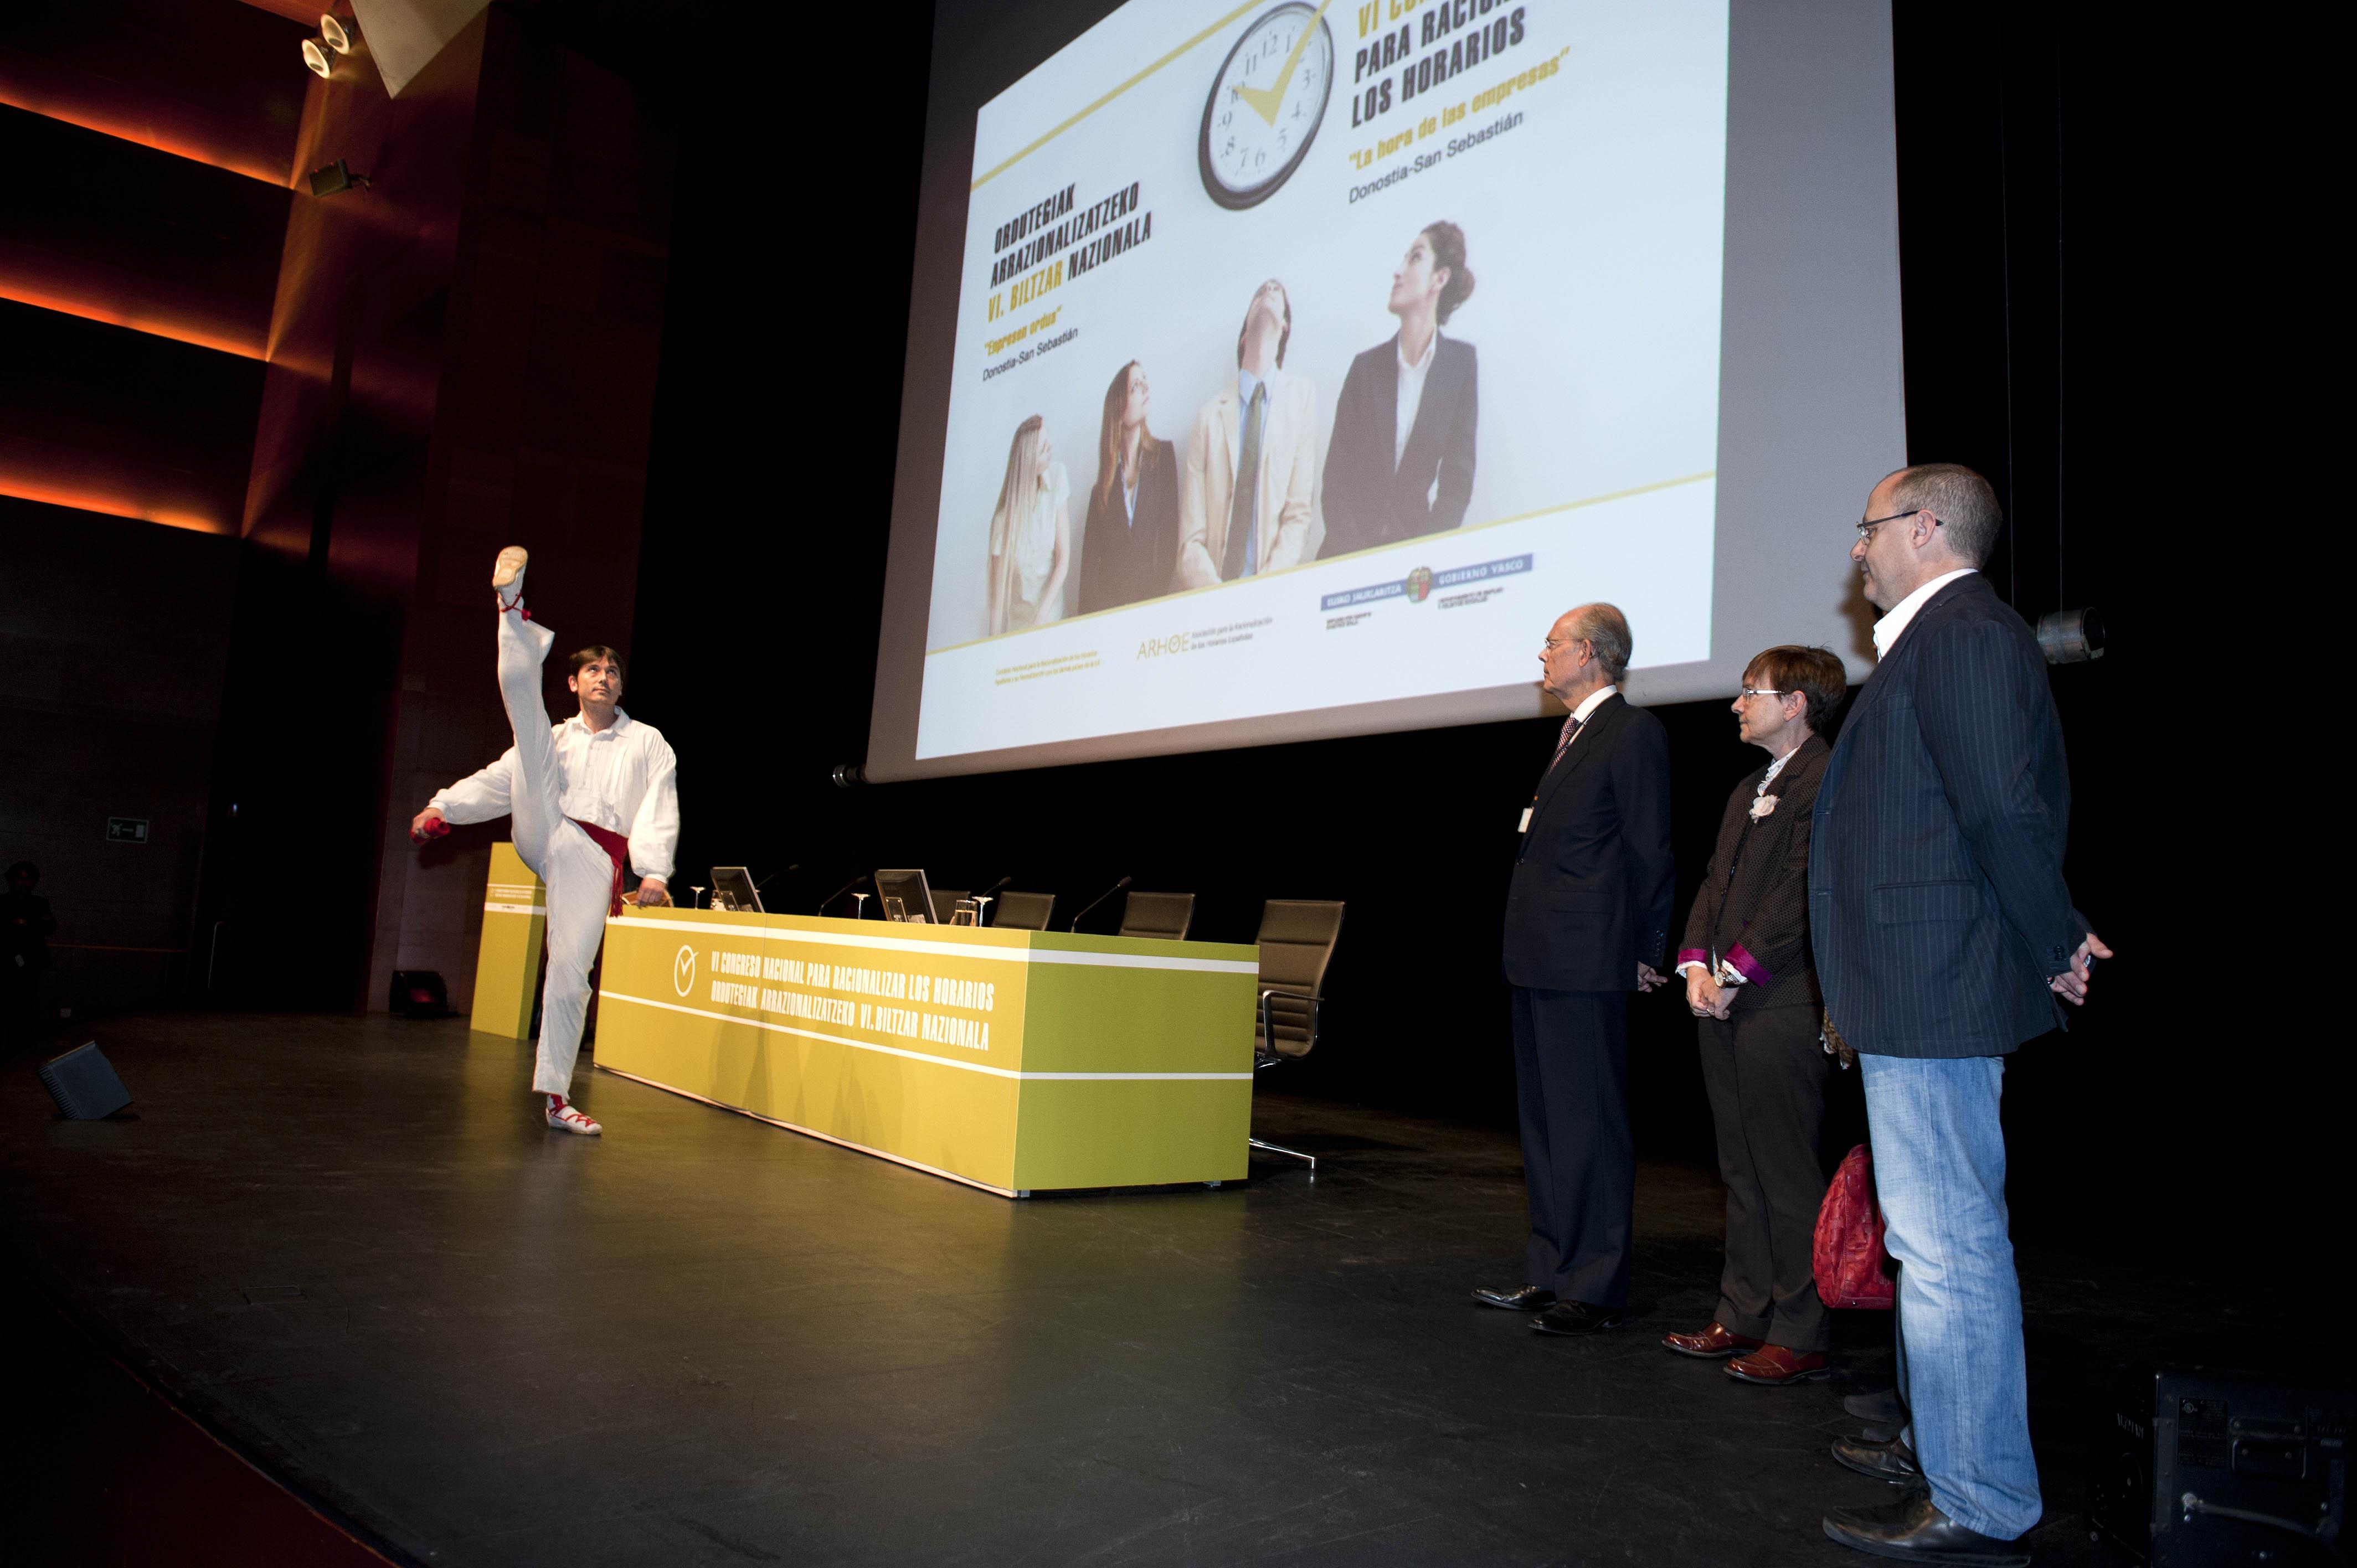 2011_11_15_zabaleta_congreso_racionalizar_horarios7.jpg